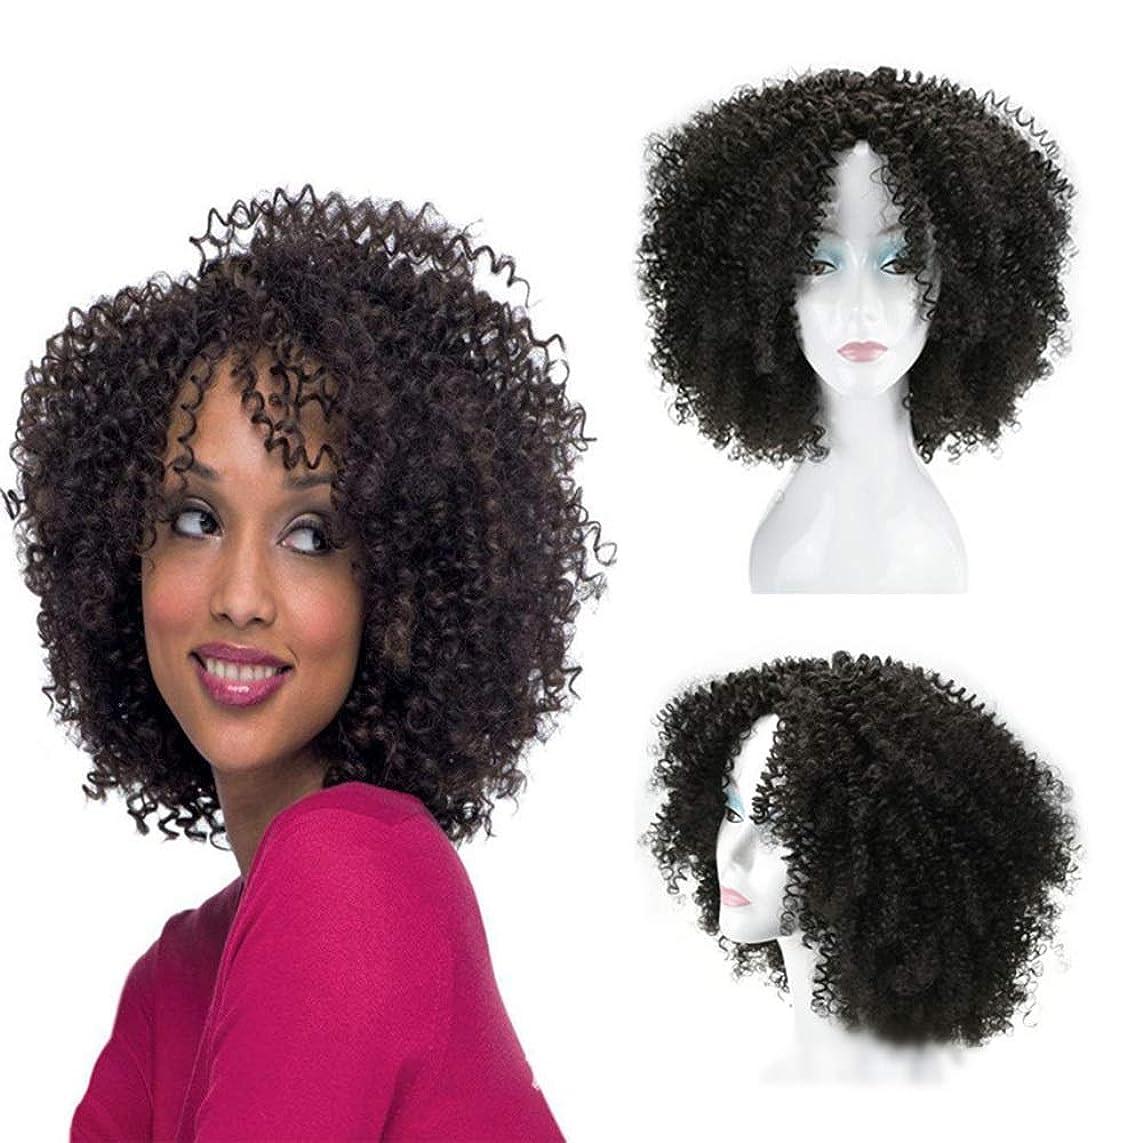 苦味スカート辞任するIsikawan 黒の爆発ヘッド女性のアフリカの小さな巻き毛毎日のコスプレパーティードレス16インチ変態カーリー (色 : ブラック)